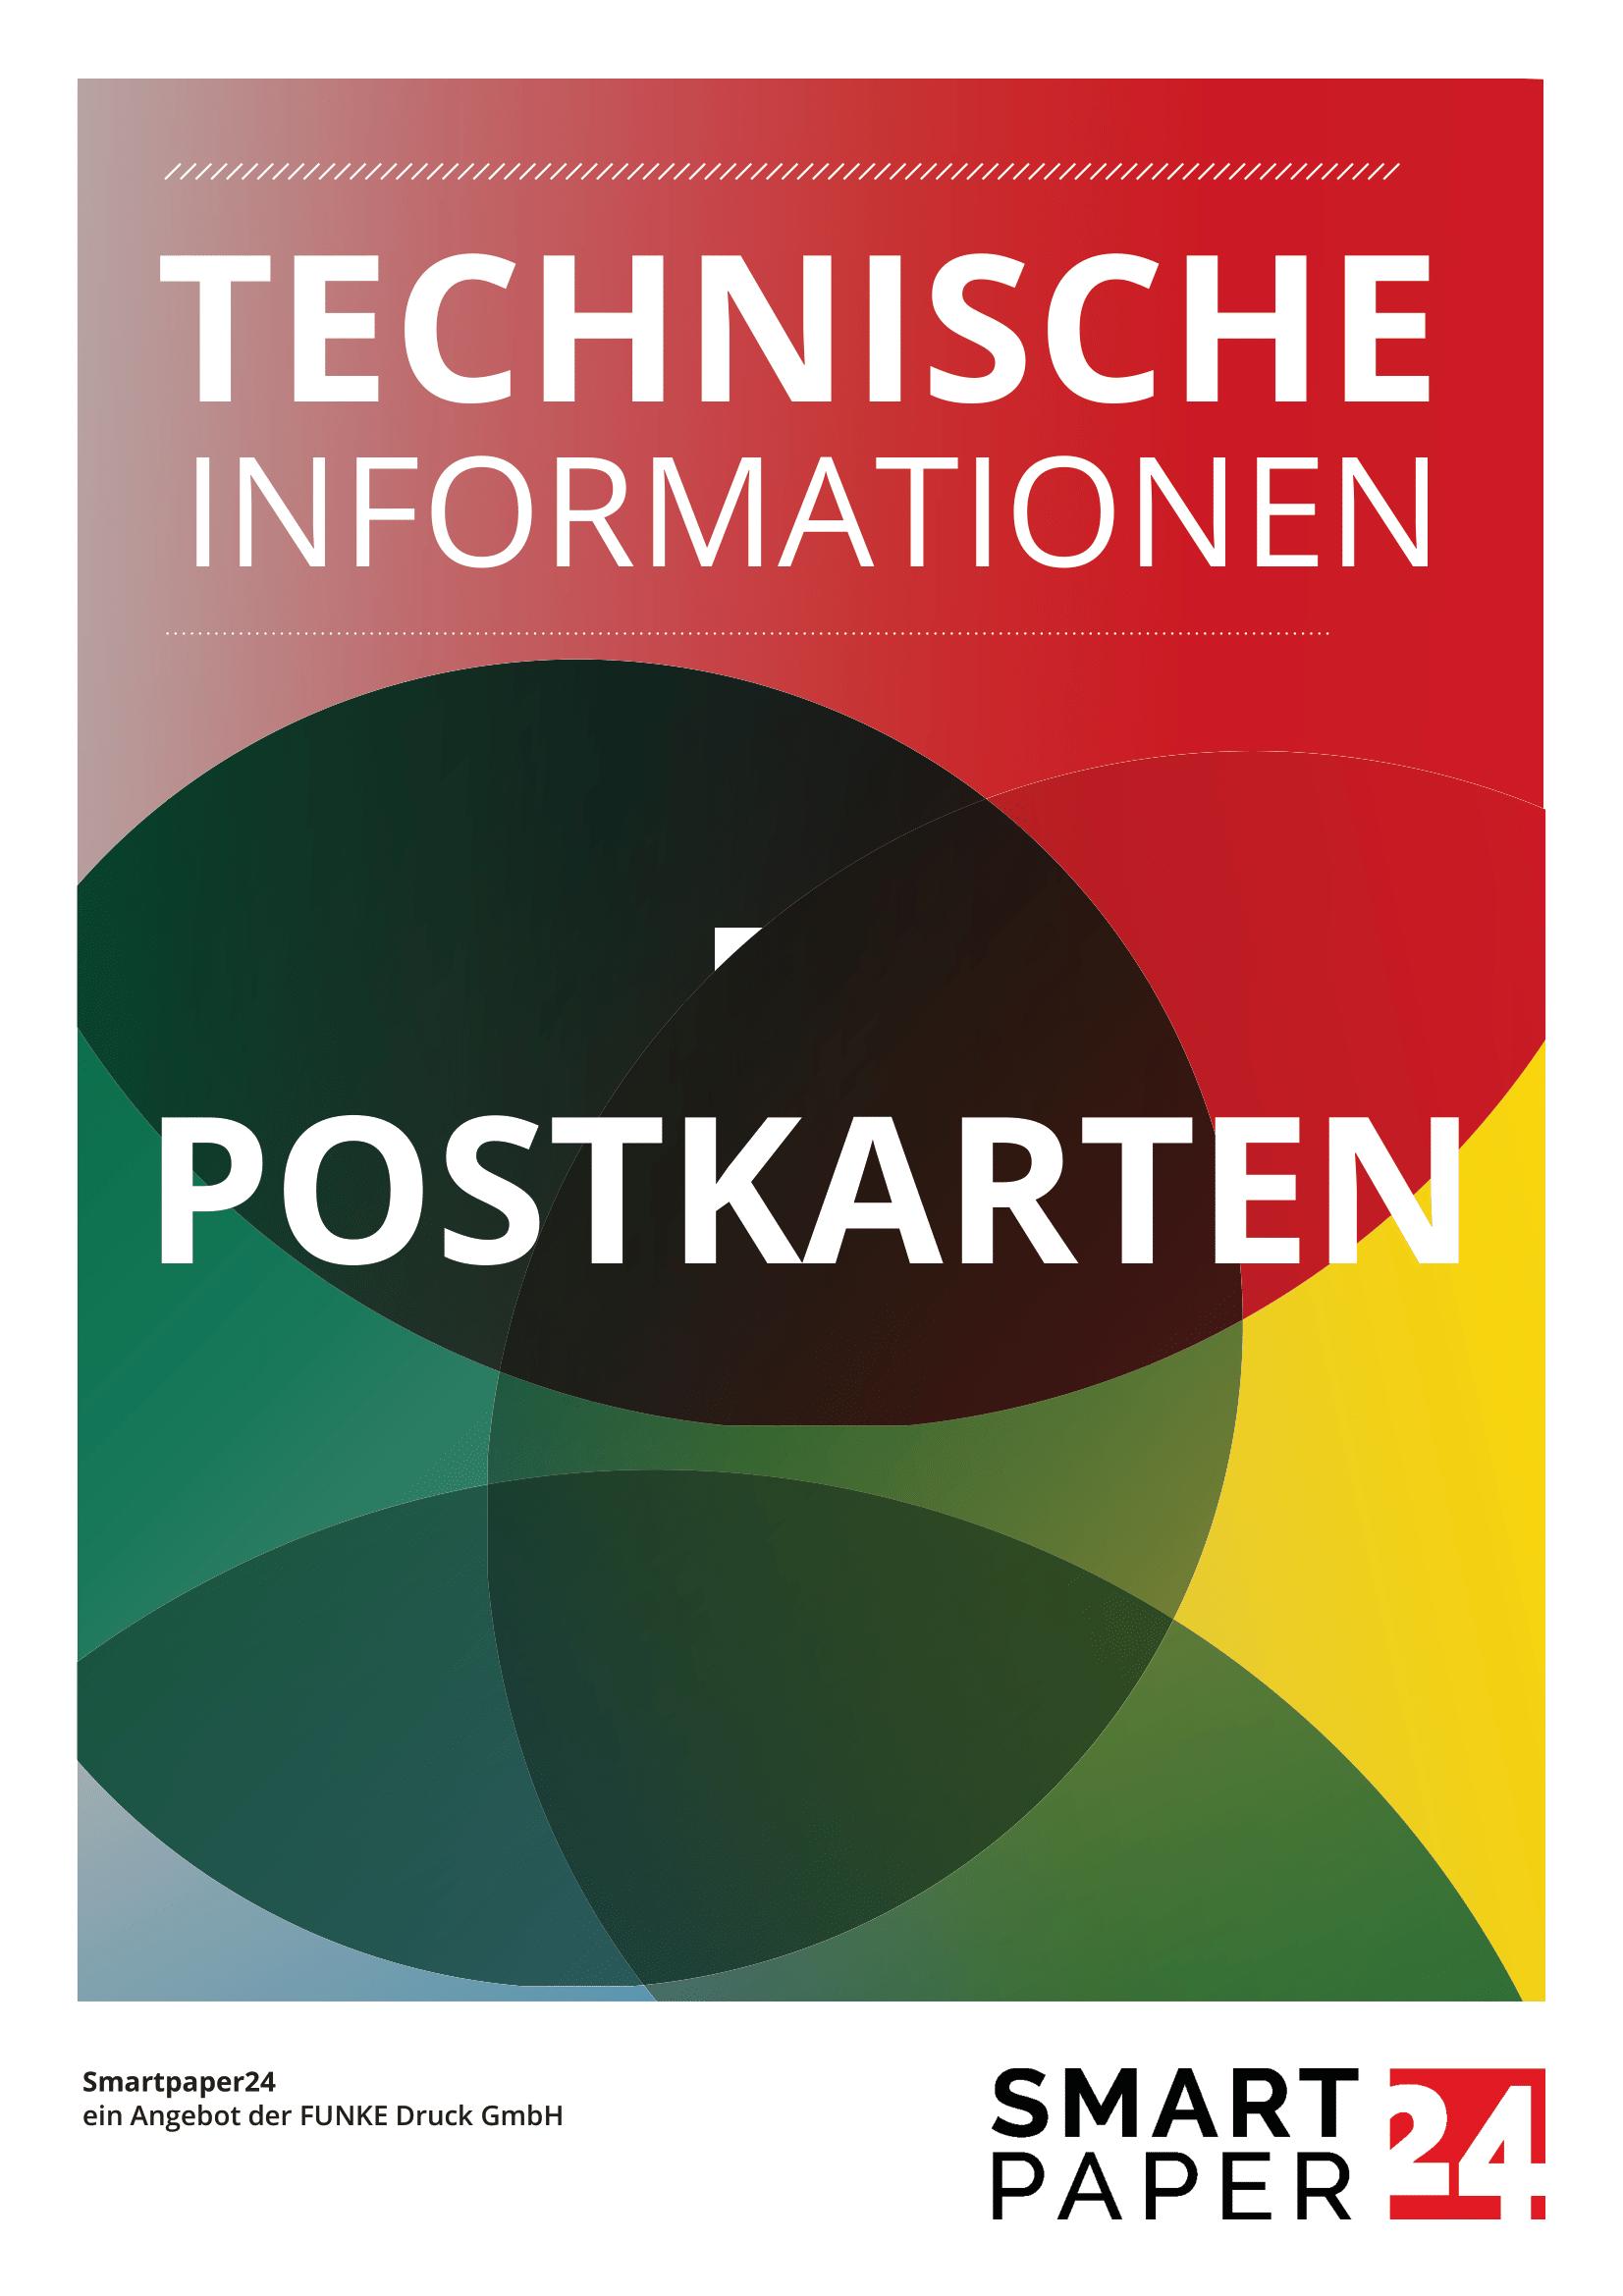 Postkarte mit eigenem Programm erstellen - Druckdatenblatt